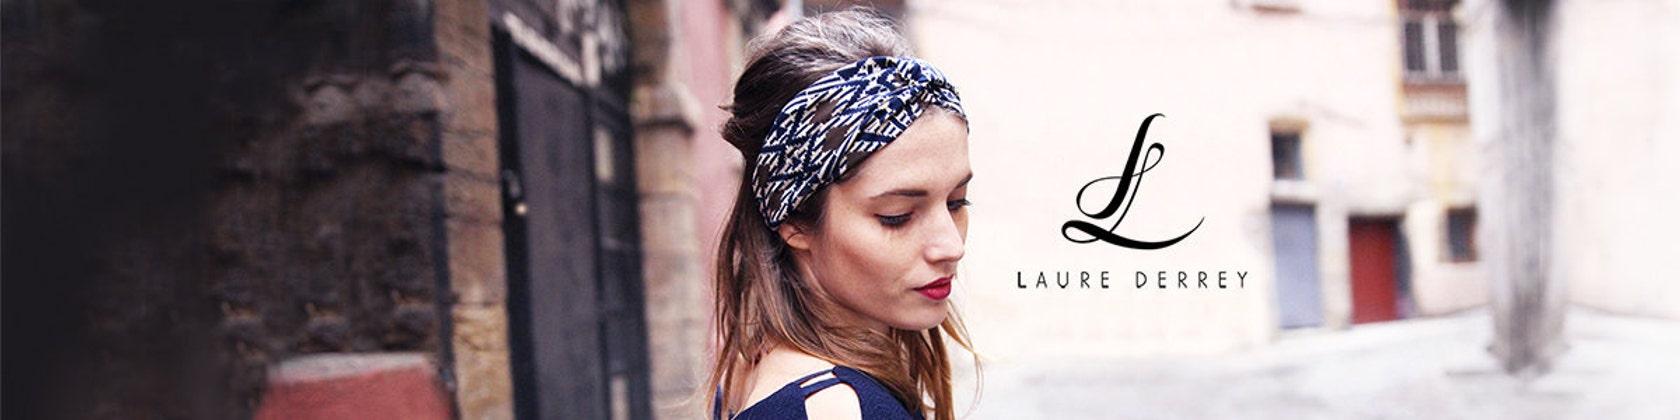 86879e77c50385 Mode et accessoires handmade in Paris par LaureDerrey sur Etsy